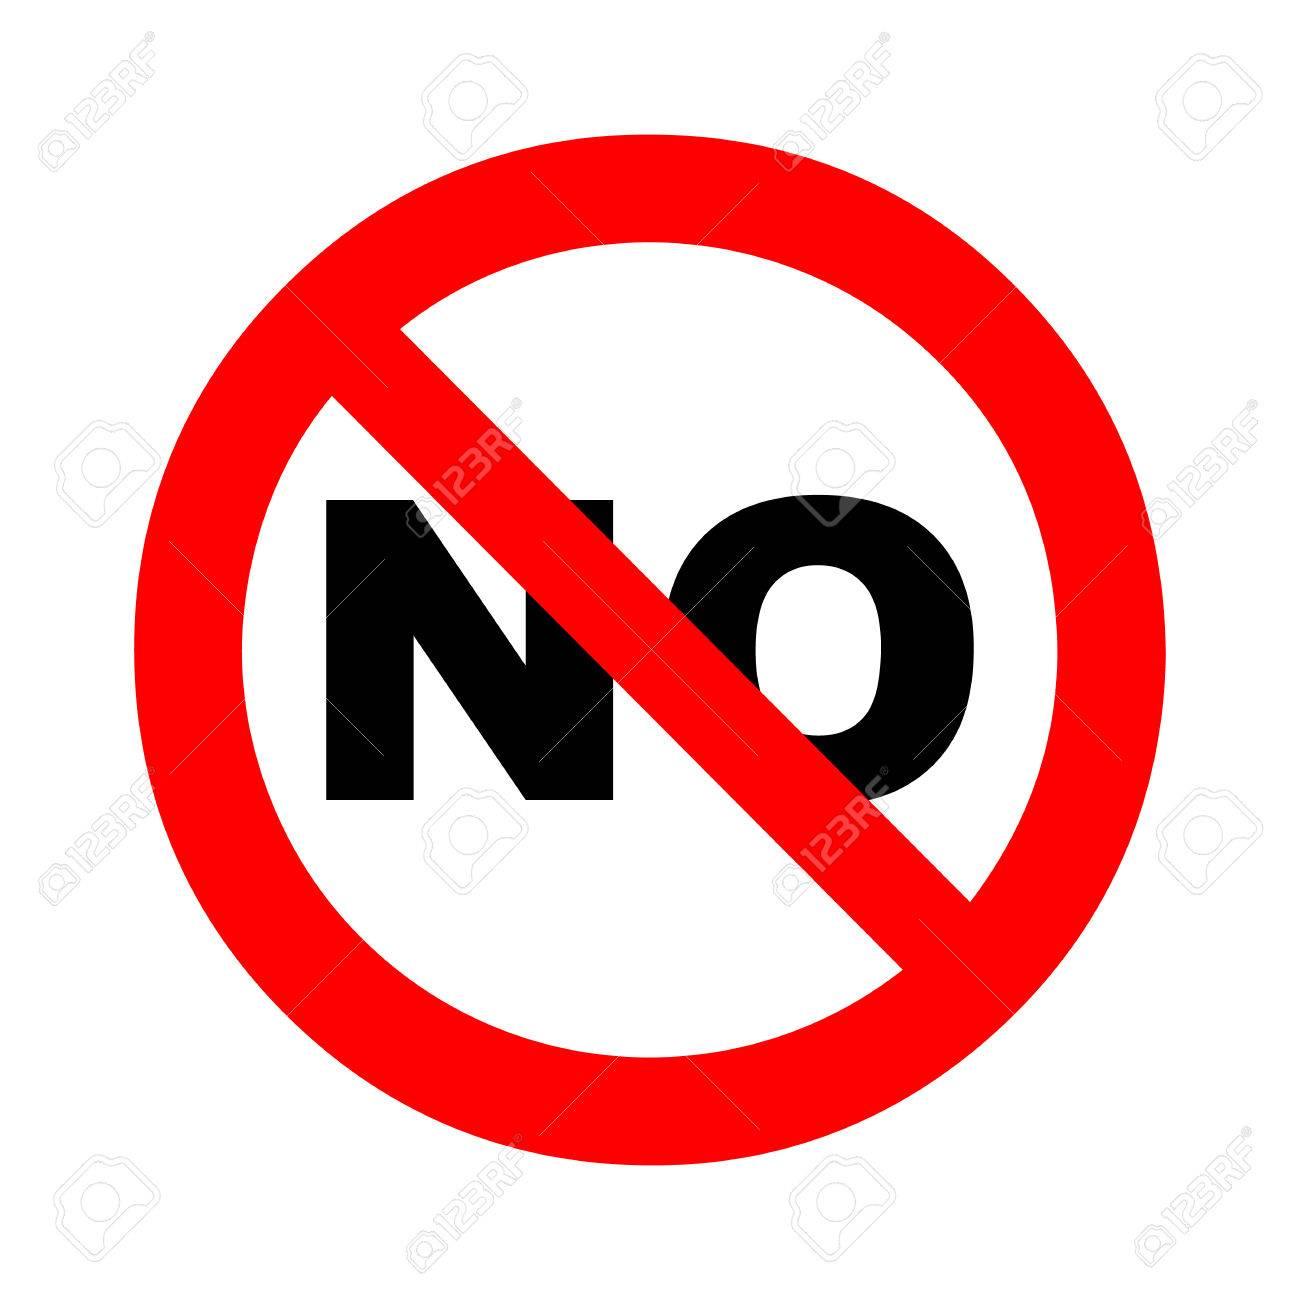 Prohibición, Signo Prohibido. Plantilla De Símbolo De Advertencia ...